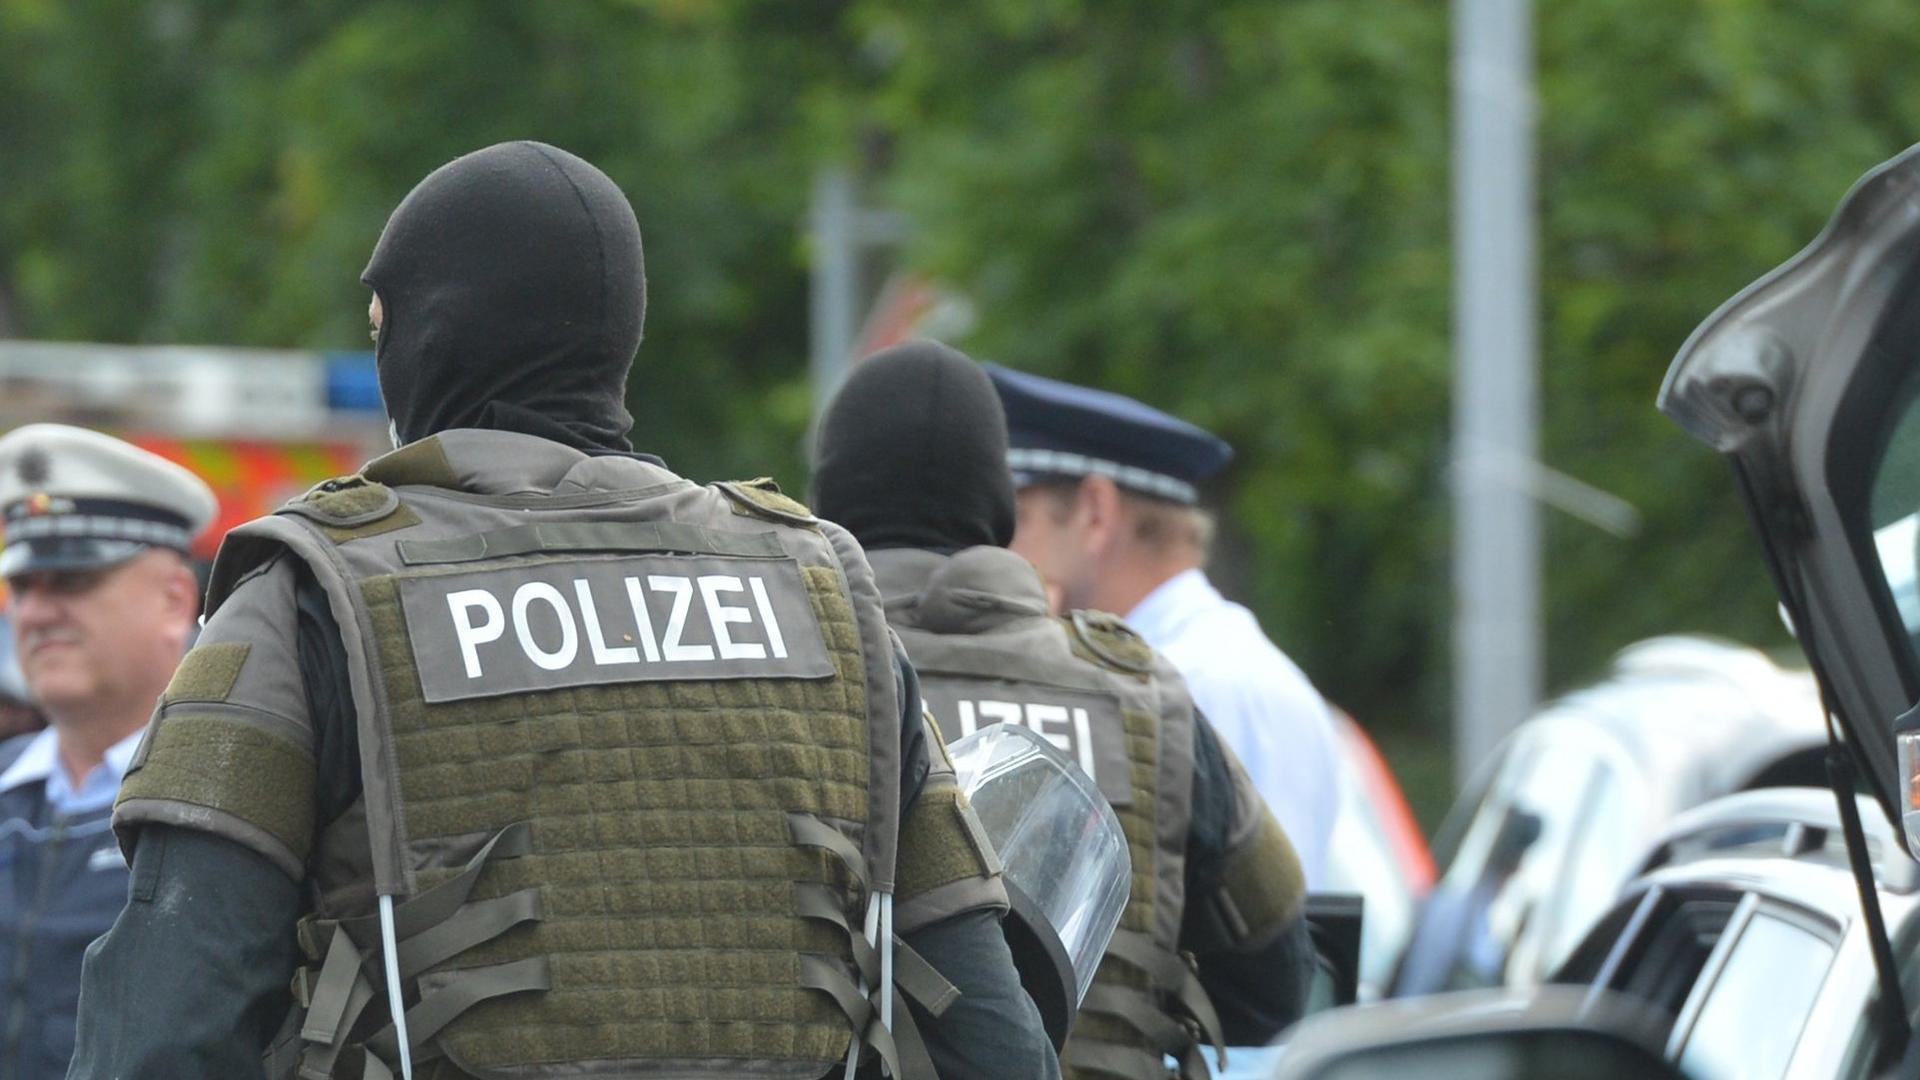 Polizisten eines Spezialeinsatzkommando laufen am 11.07.2016 in Stuttgart (Baden-Württemberg) zum Einsatzort. In Stuttgart hat ein Spezialeinsatzkommando der Polizei eine Kanzlei gestürmt. Dort seien zwei Männer tot im Keller gefunden worden, das teilte die Polizei am Montagabend mit. Foto: Franziska Kraufmann/dpa ++ +++ dpa-Bildfunk +++